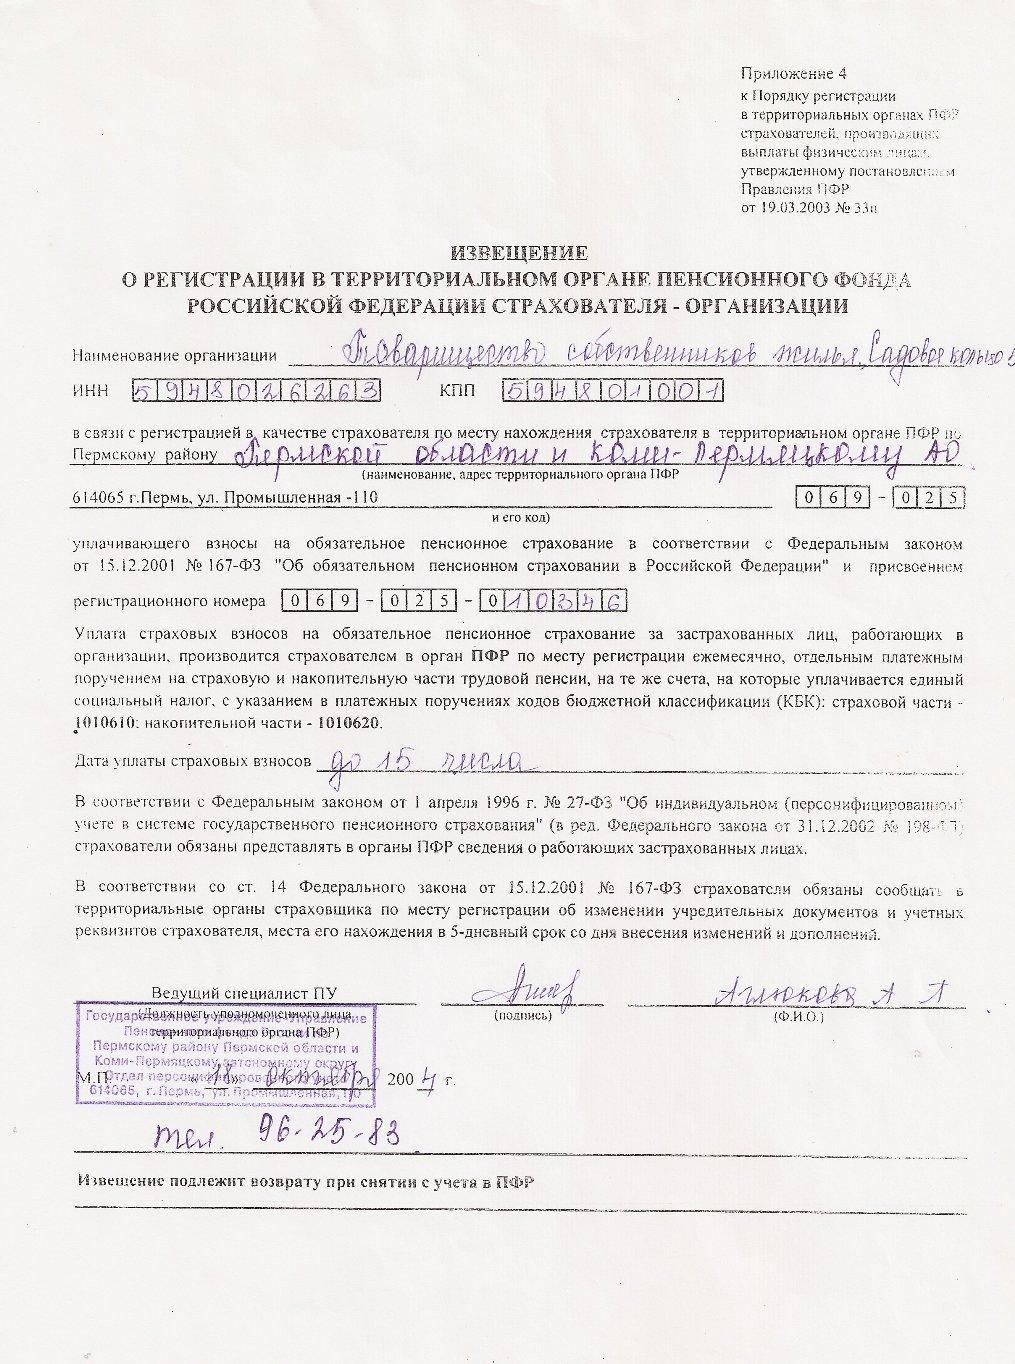 этих приложение 5 заявление о снятии с регистрационного учета в пфр сих